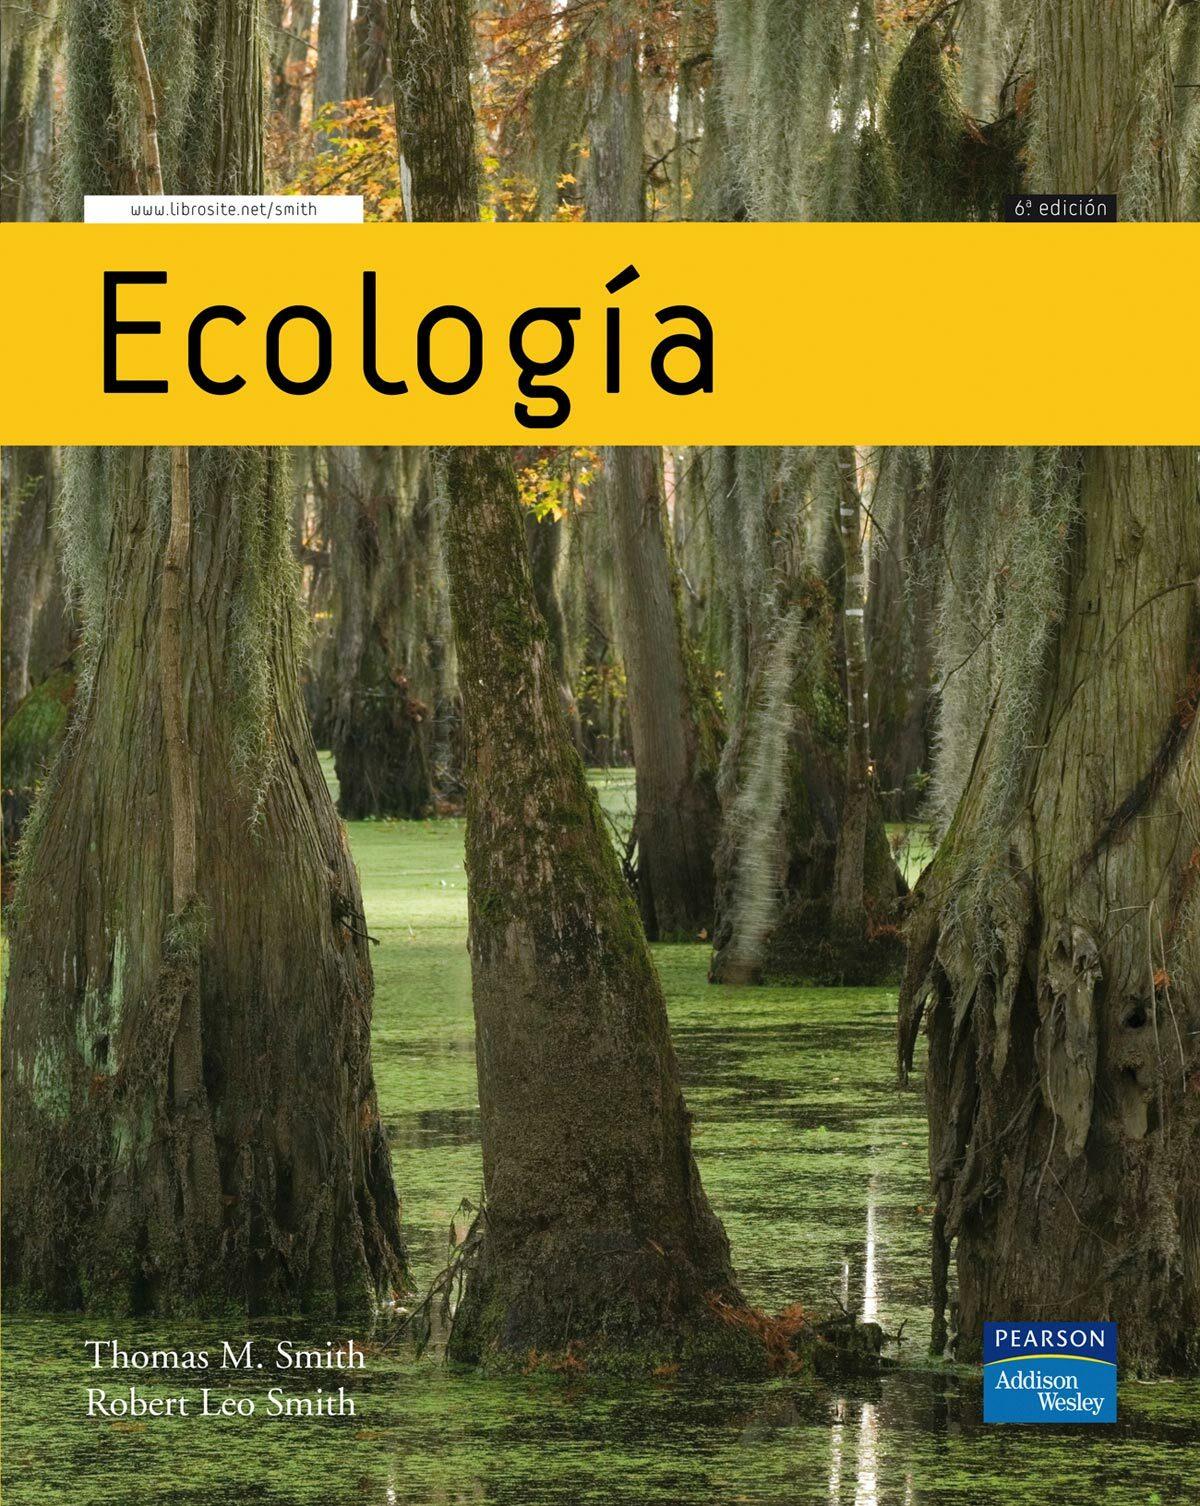 Ecologia (6ª Ed.) por Robert Leo Smith;                                                                                    Thomas M. Smith epub